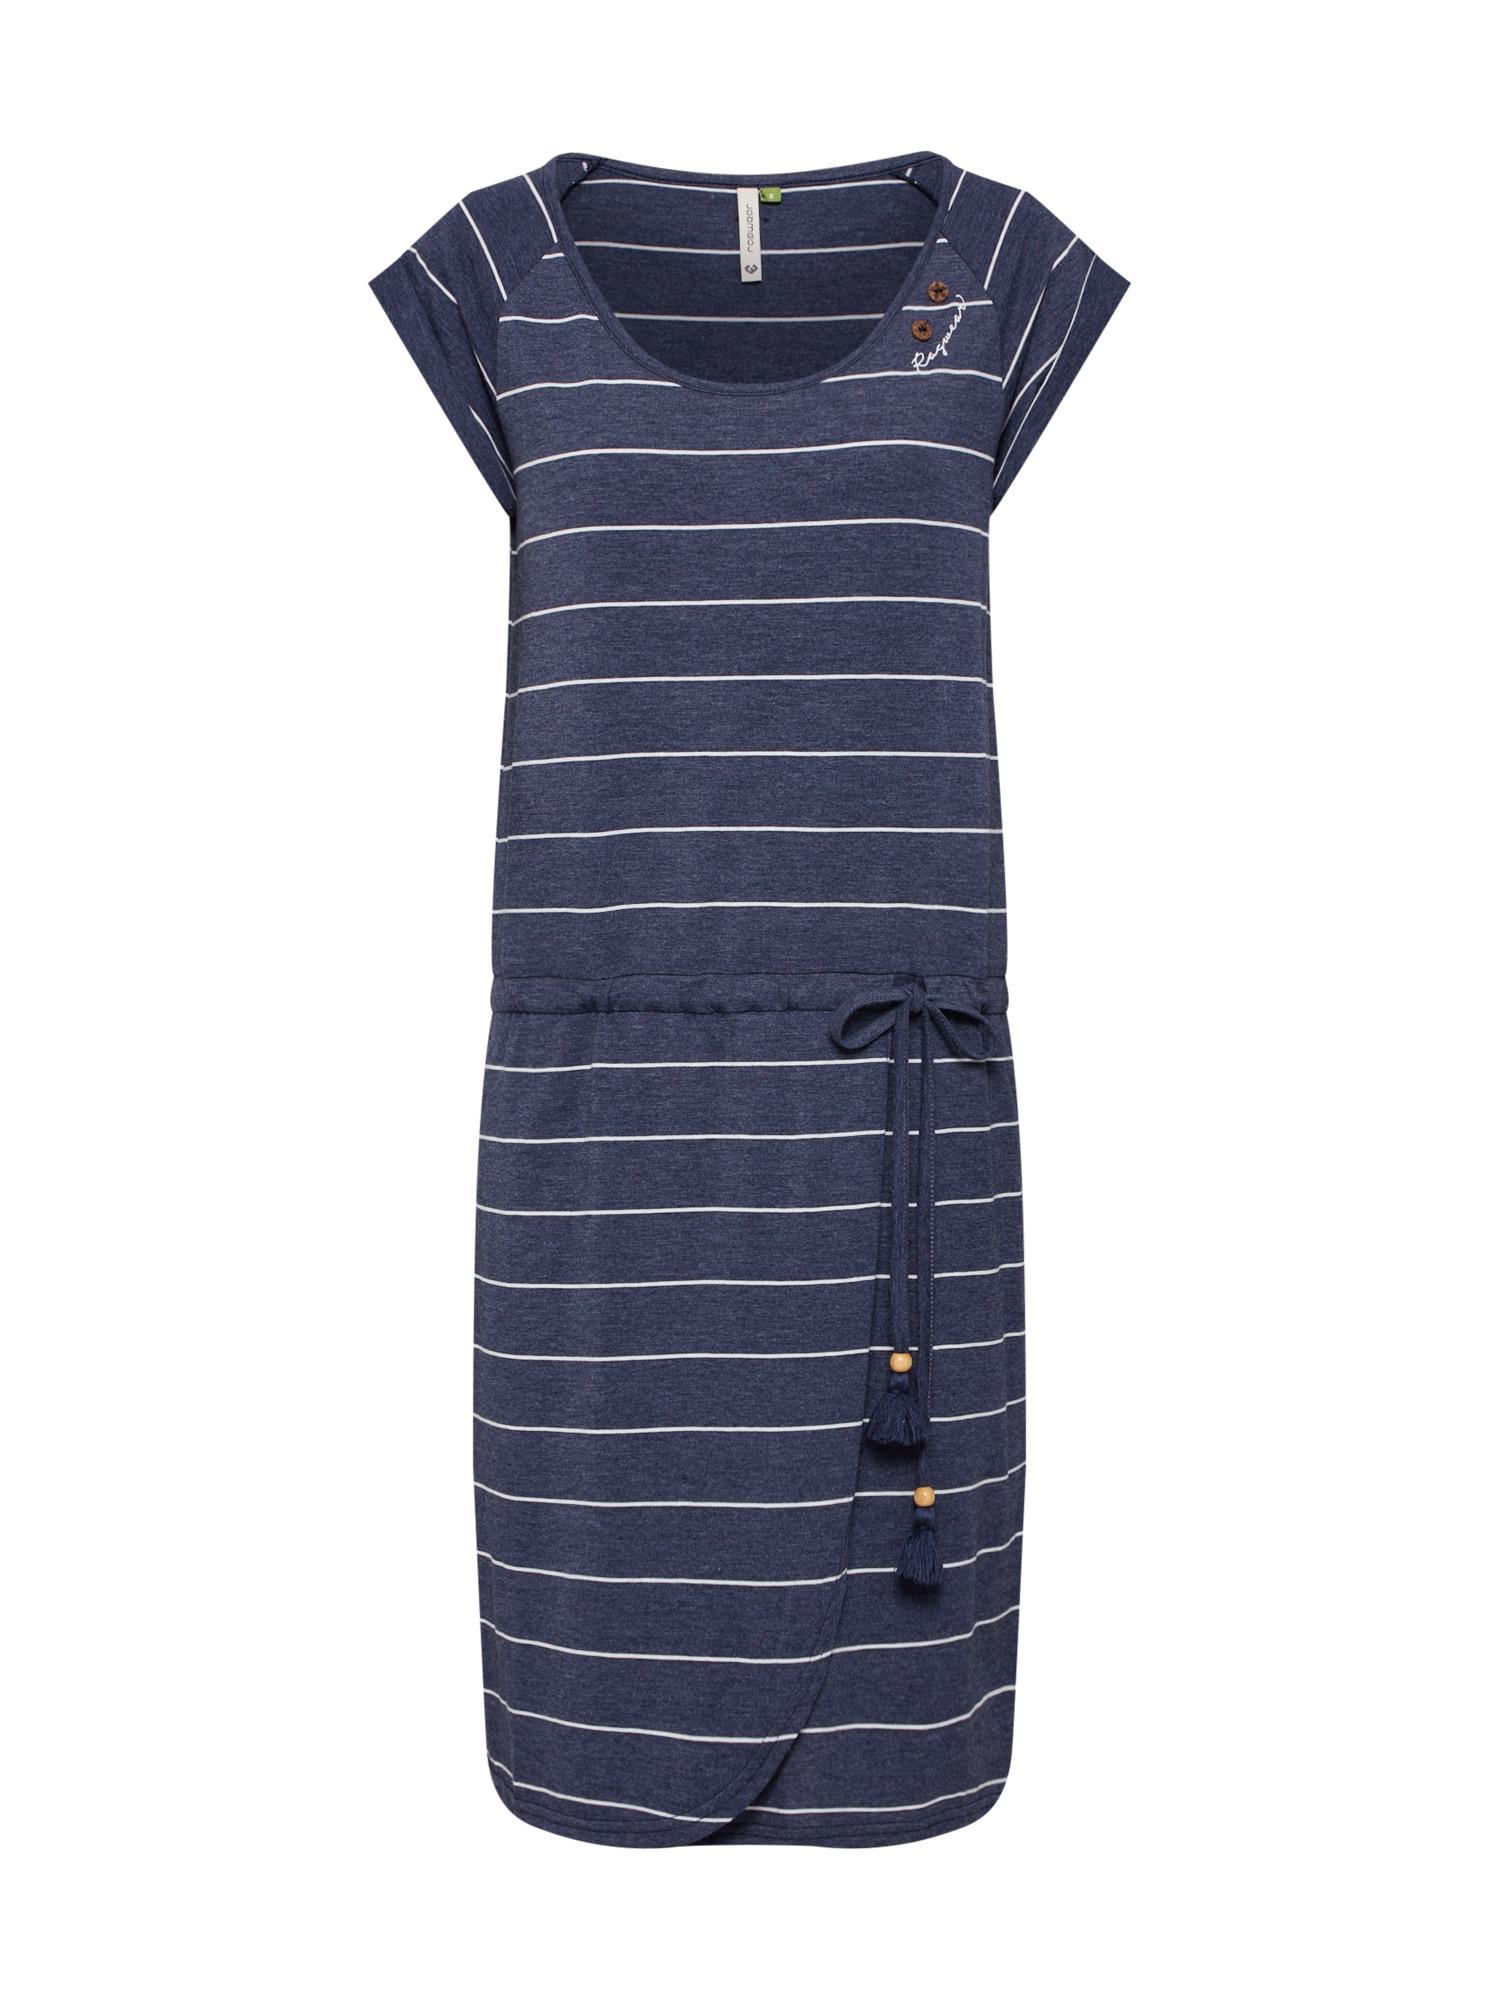 Letní šaty Glitter Organic námořnická modř bílá Ragwear